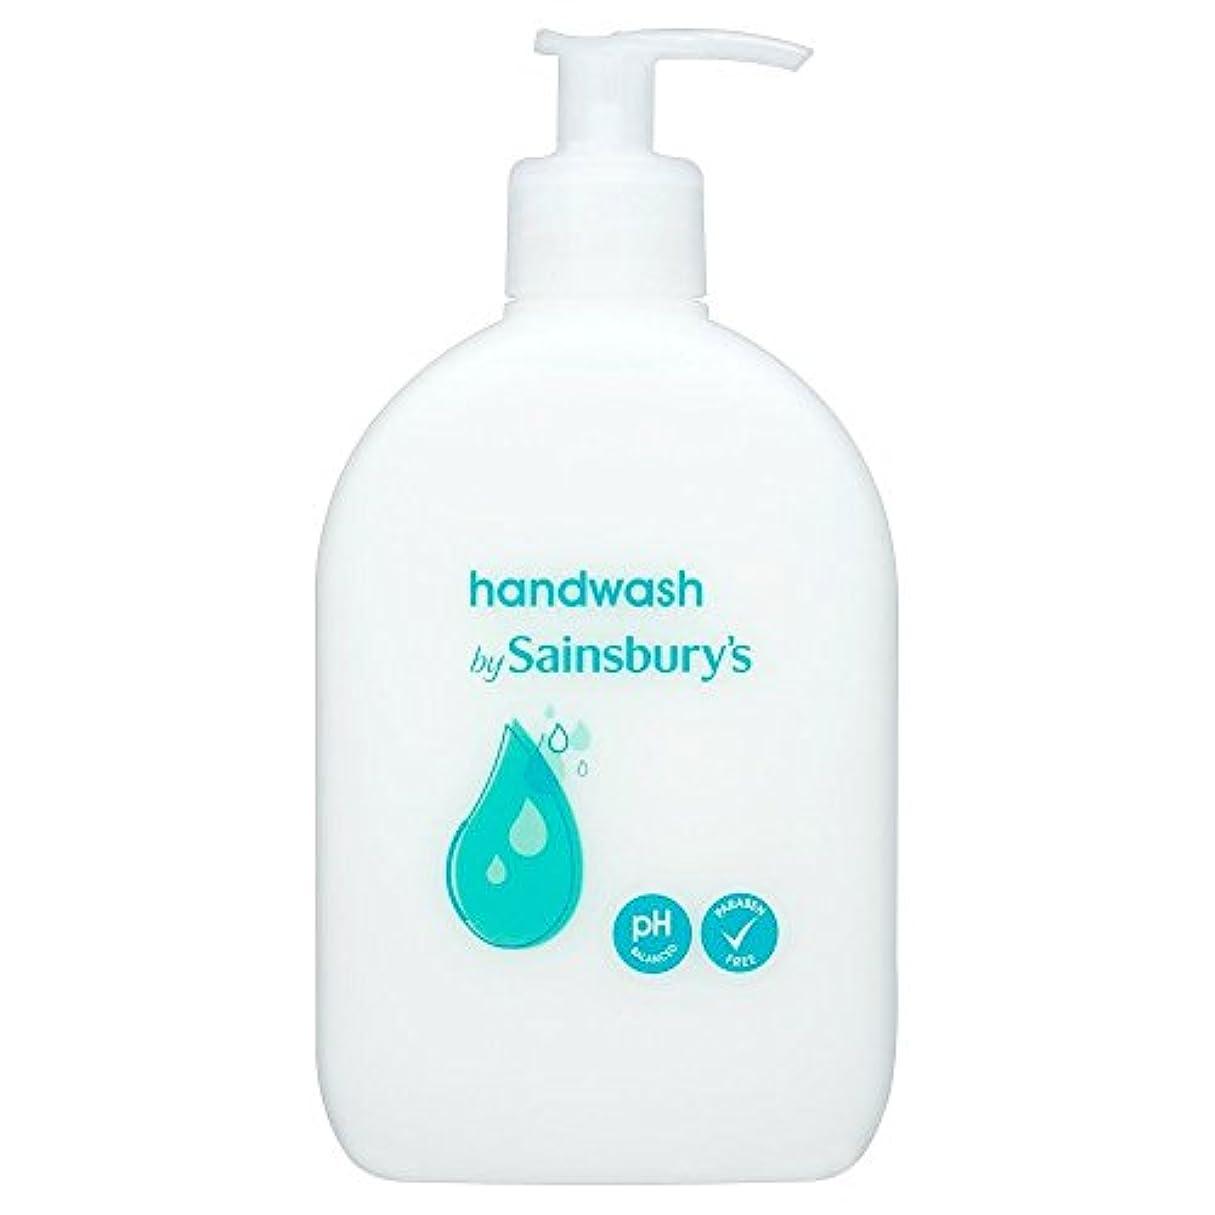 スピリチュアル欺ロデオSainsbury's Handwash, White 500ml - (Sainsbury's) 手洗い、白500ミリリットル [並行輸入品]